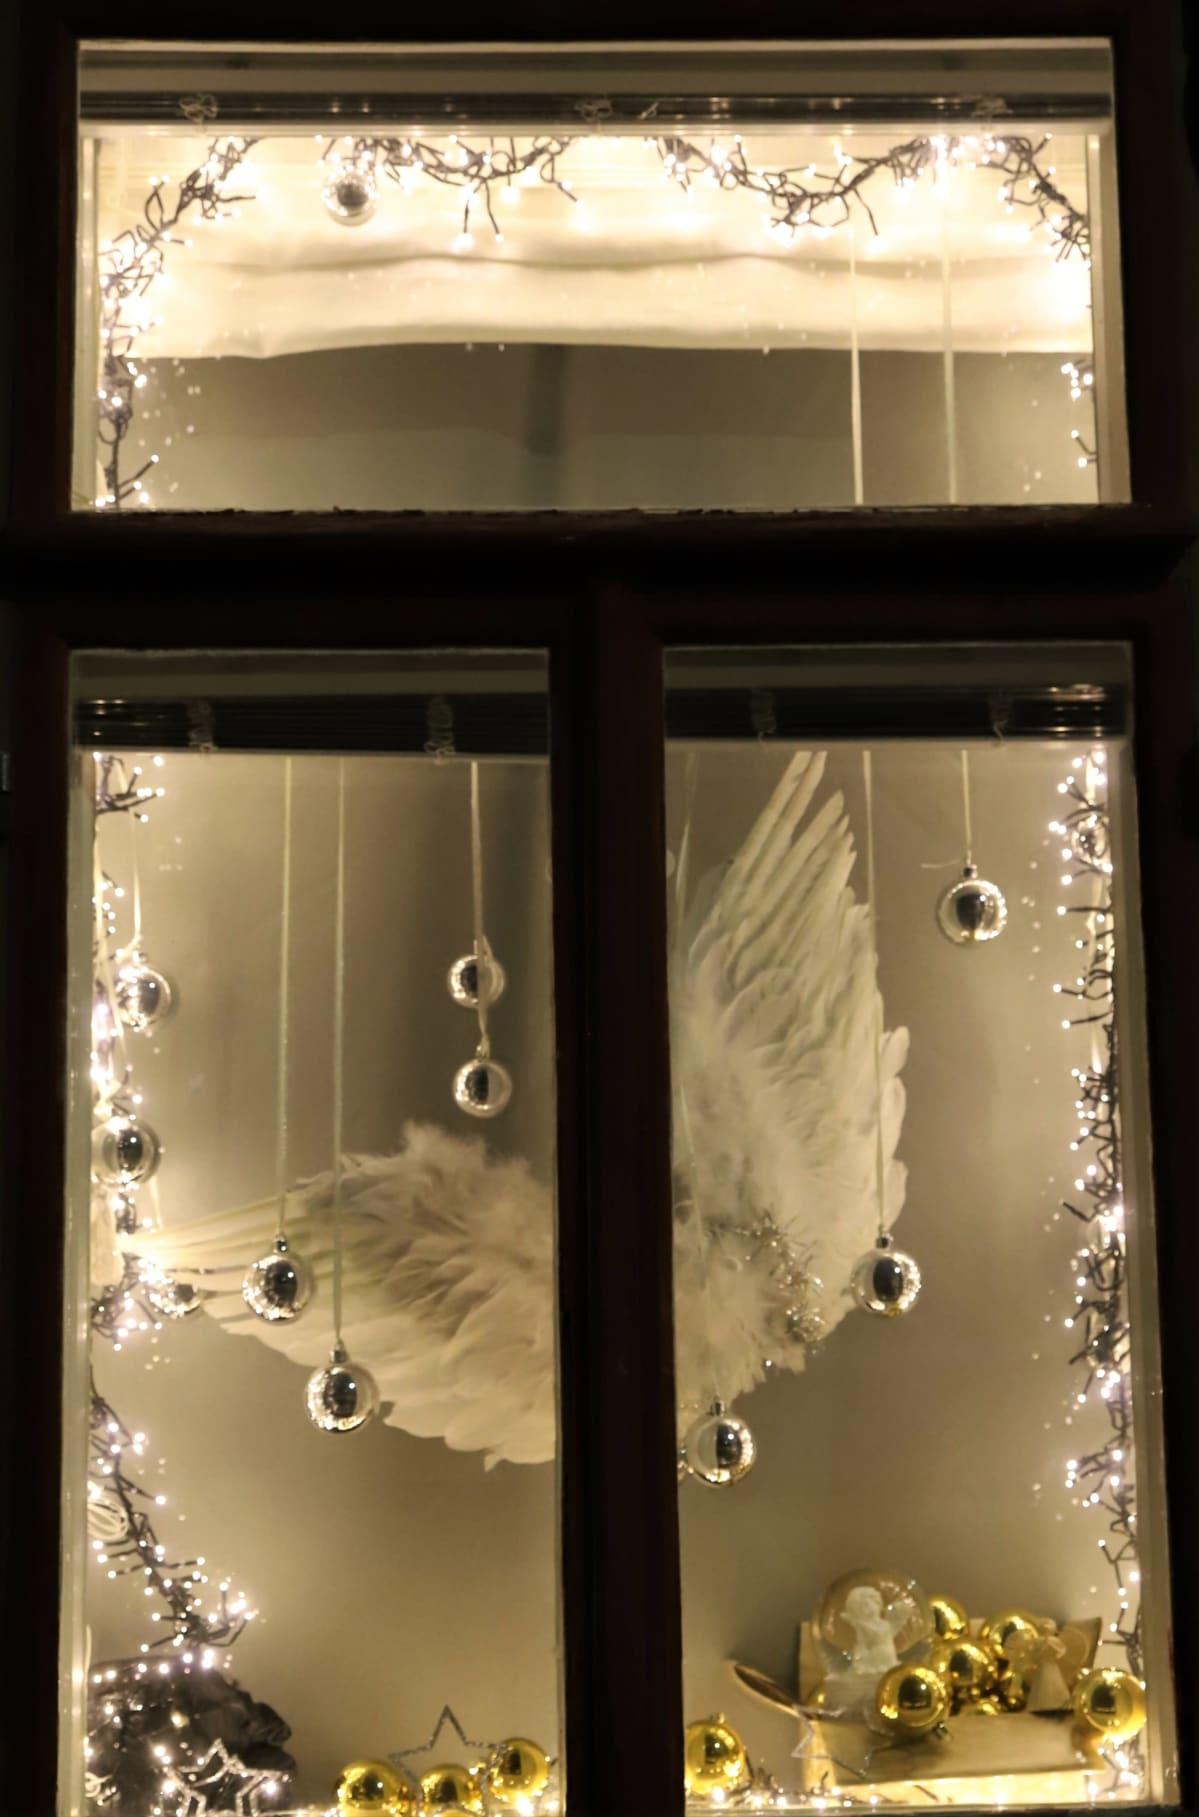 enkelinsiivet ja kultaisia joulupallojen ikkunassa